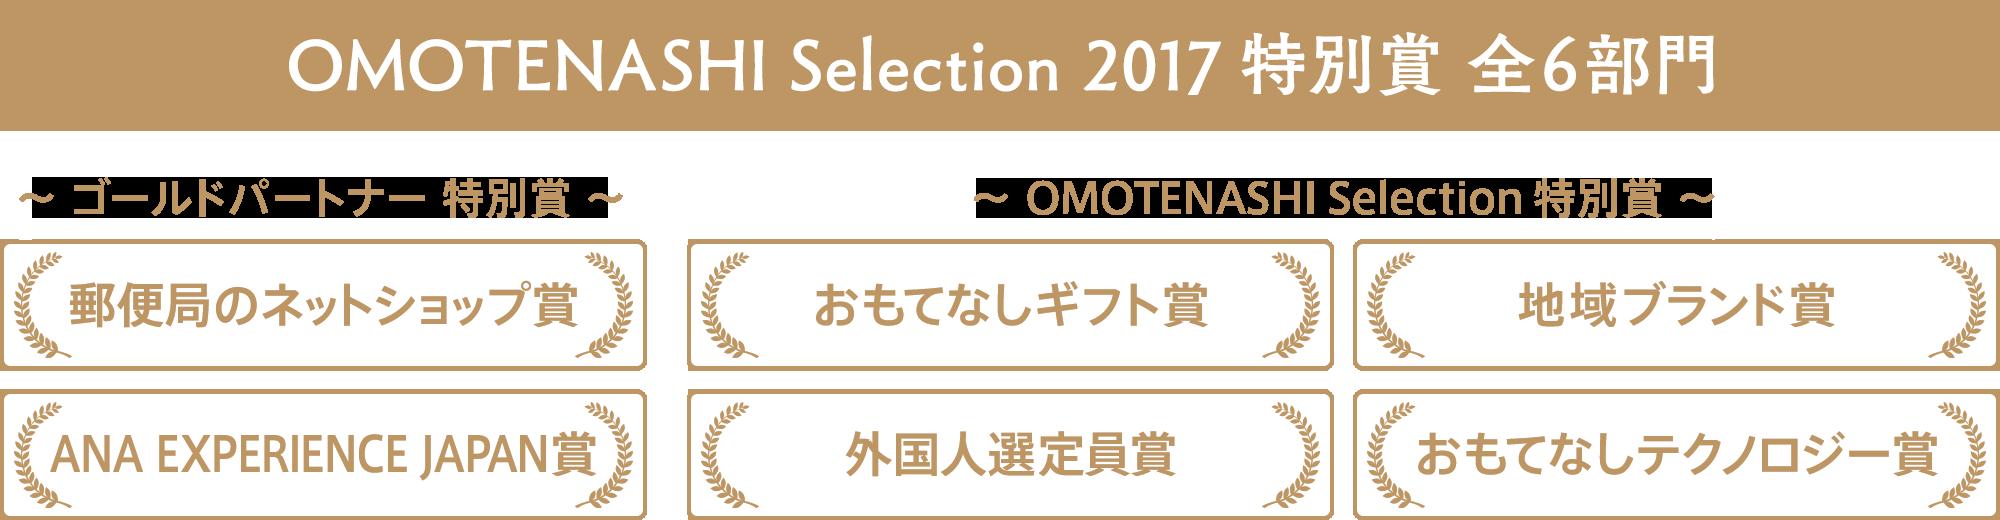 OMOTENASHI Selection 2017 特別賞 全6部門